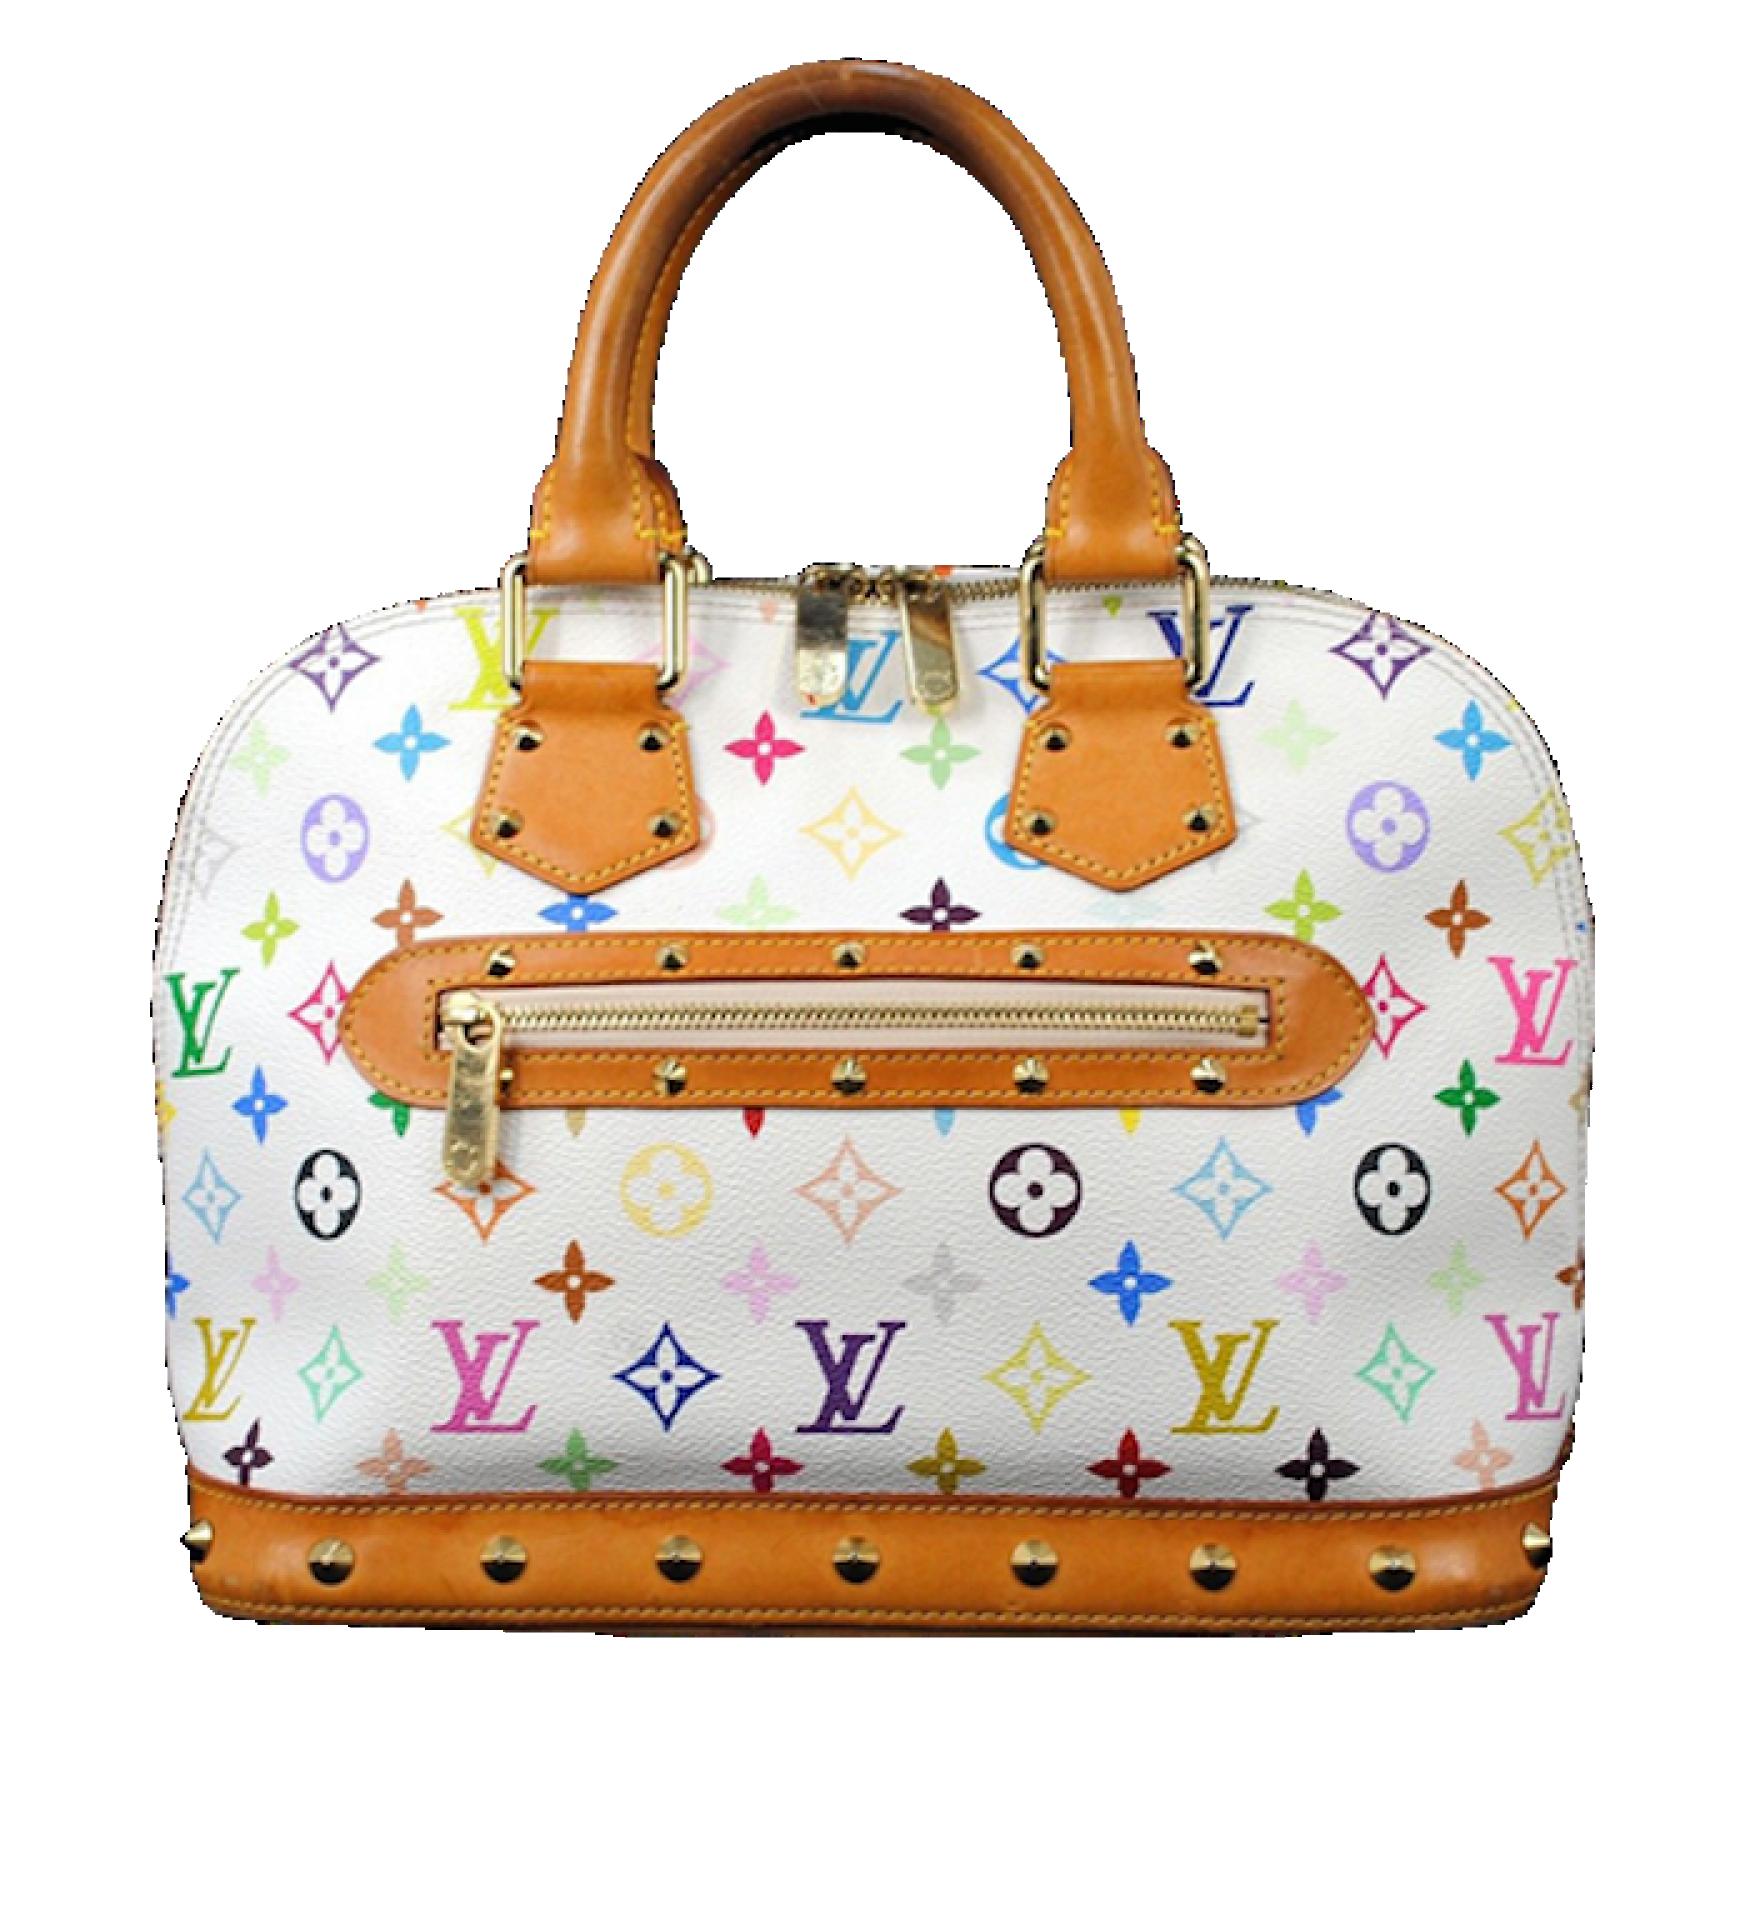 Louis Vuitton Louis Vuitton Alma Multicolored Bag